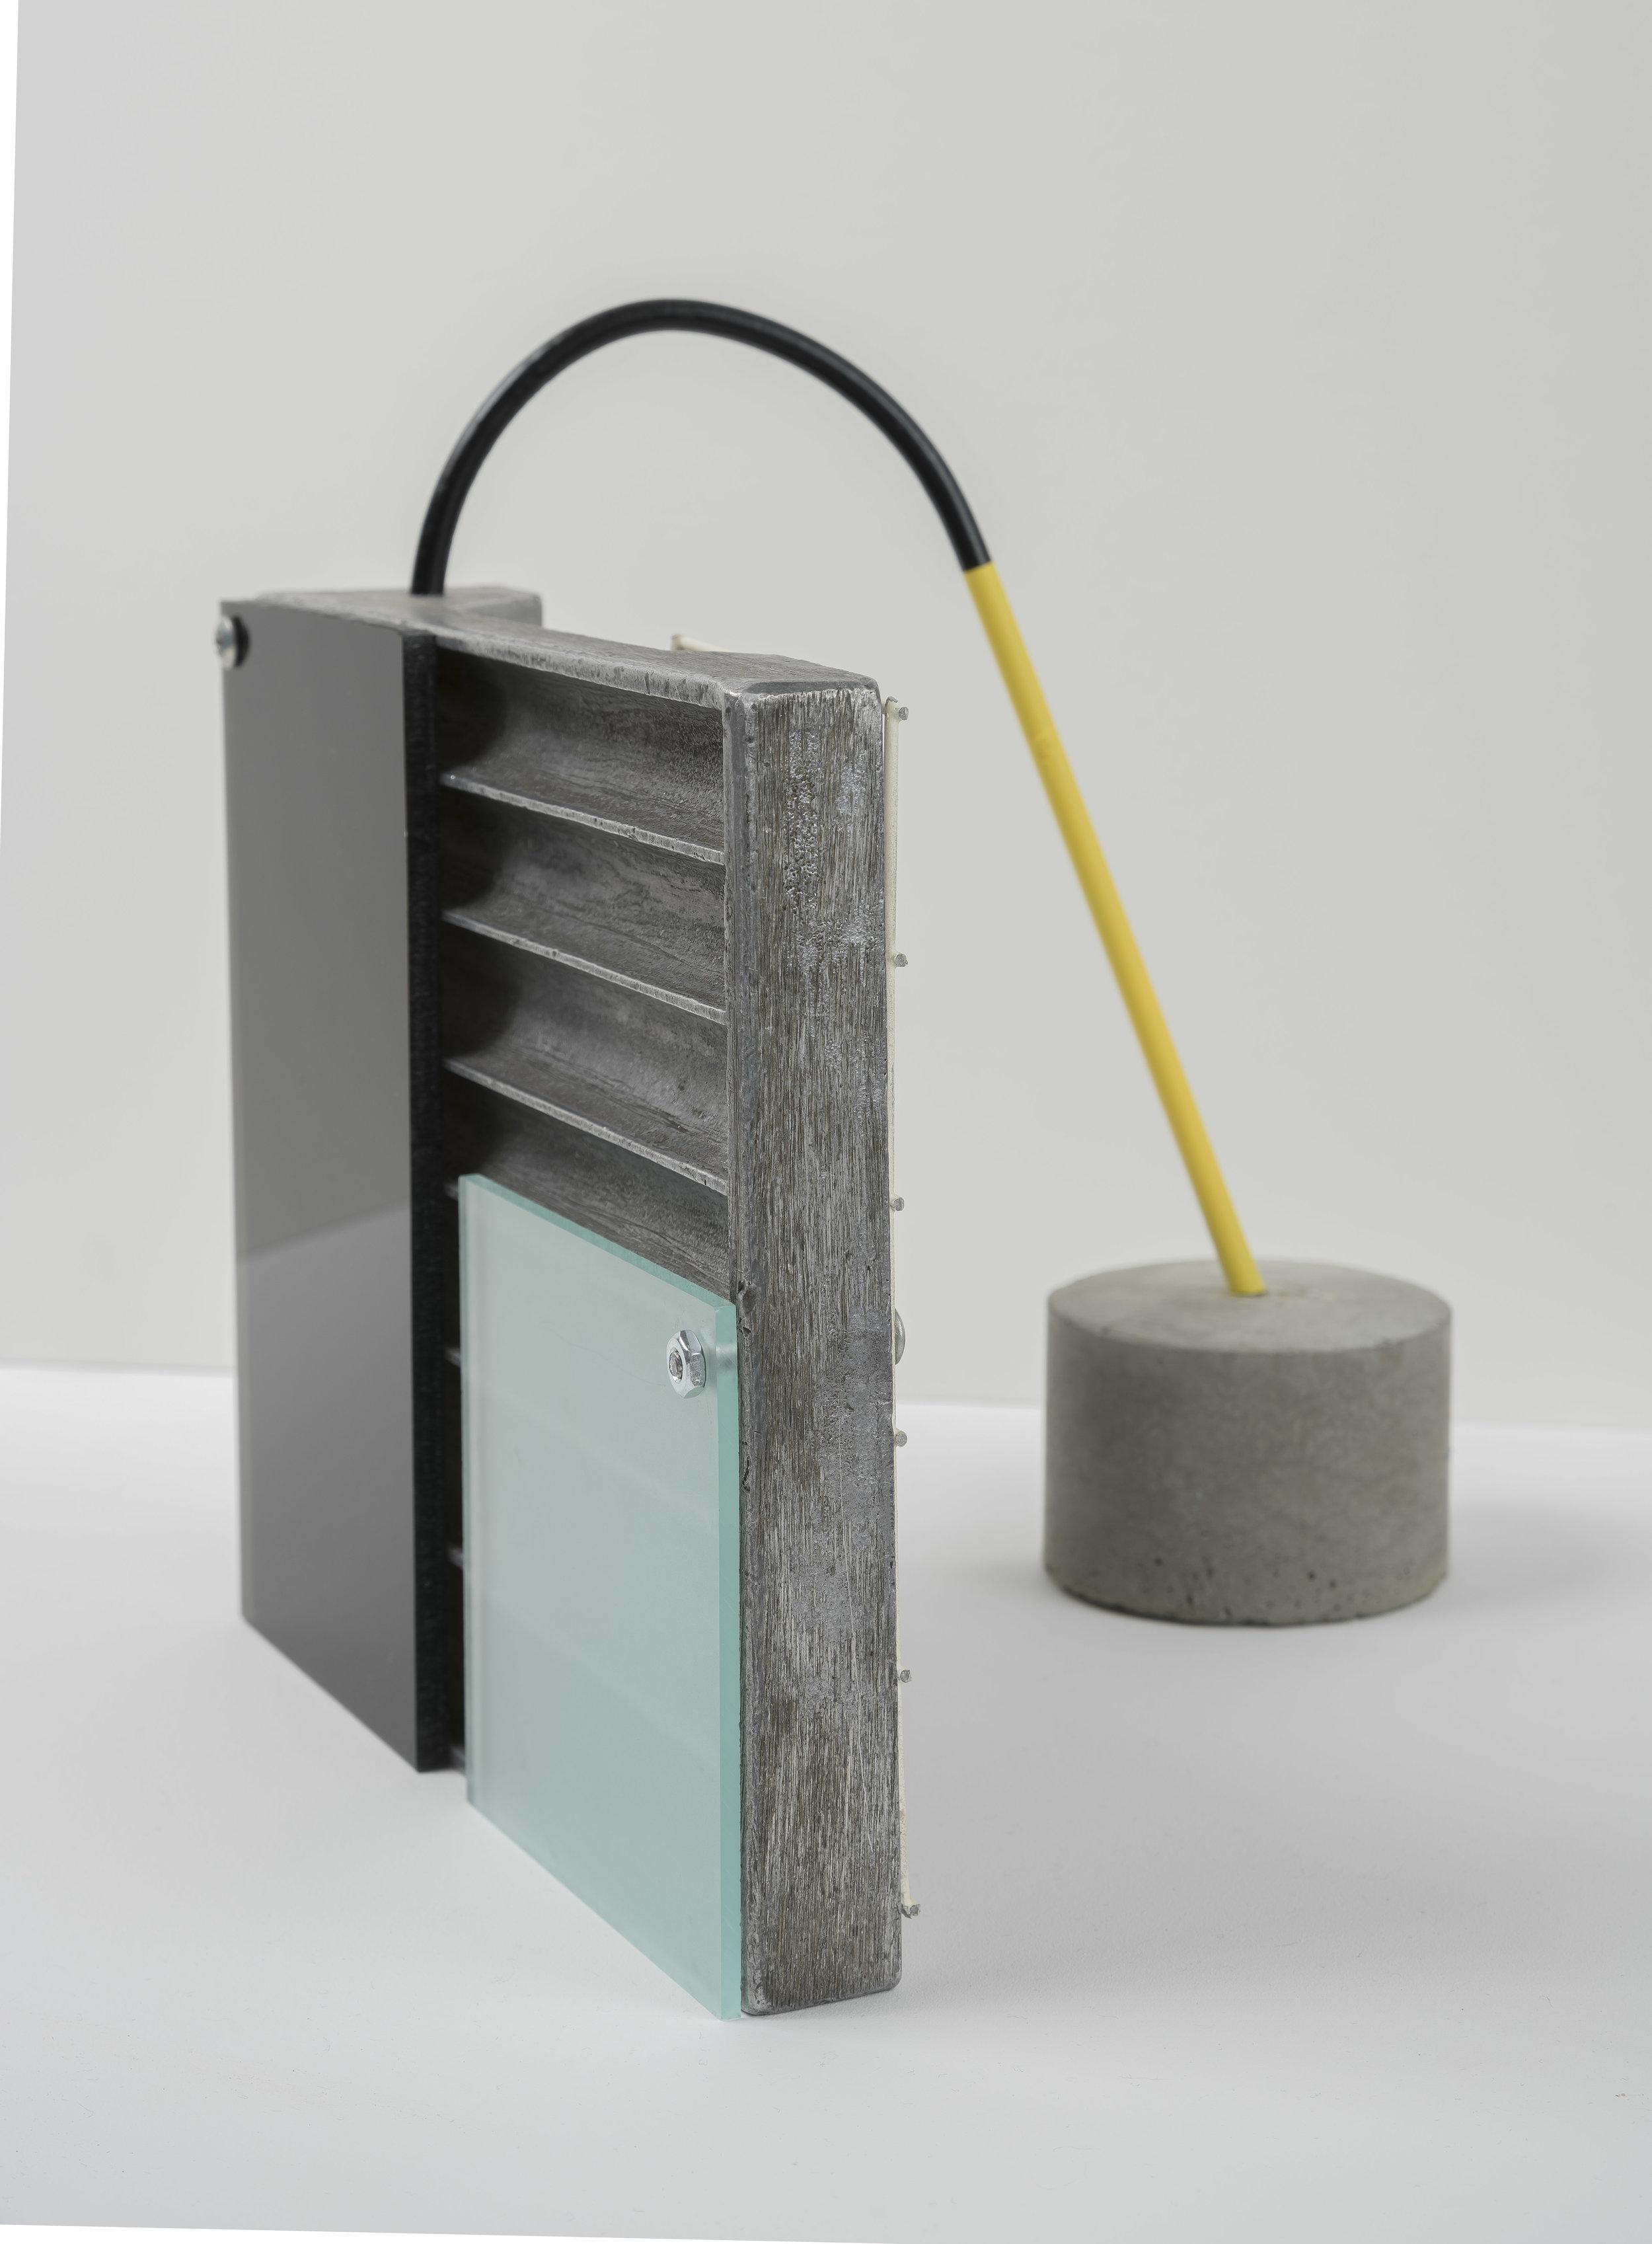 Assemblage l , 2019  aluminum, steel, cement, plexiglass, aerosol paint 8 1/2 x 9 1/2 x 7 inches; 21.6 x 24.1 x 17.8 centimeters  $3,000.00